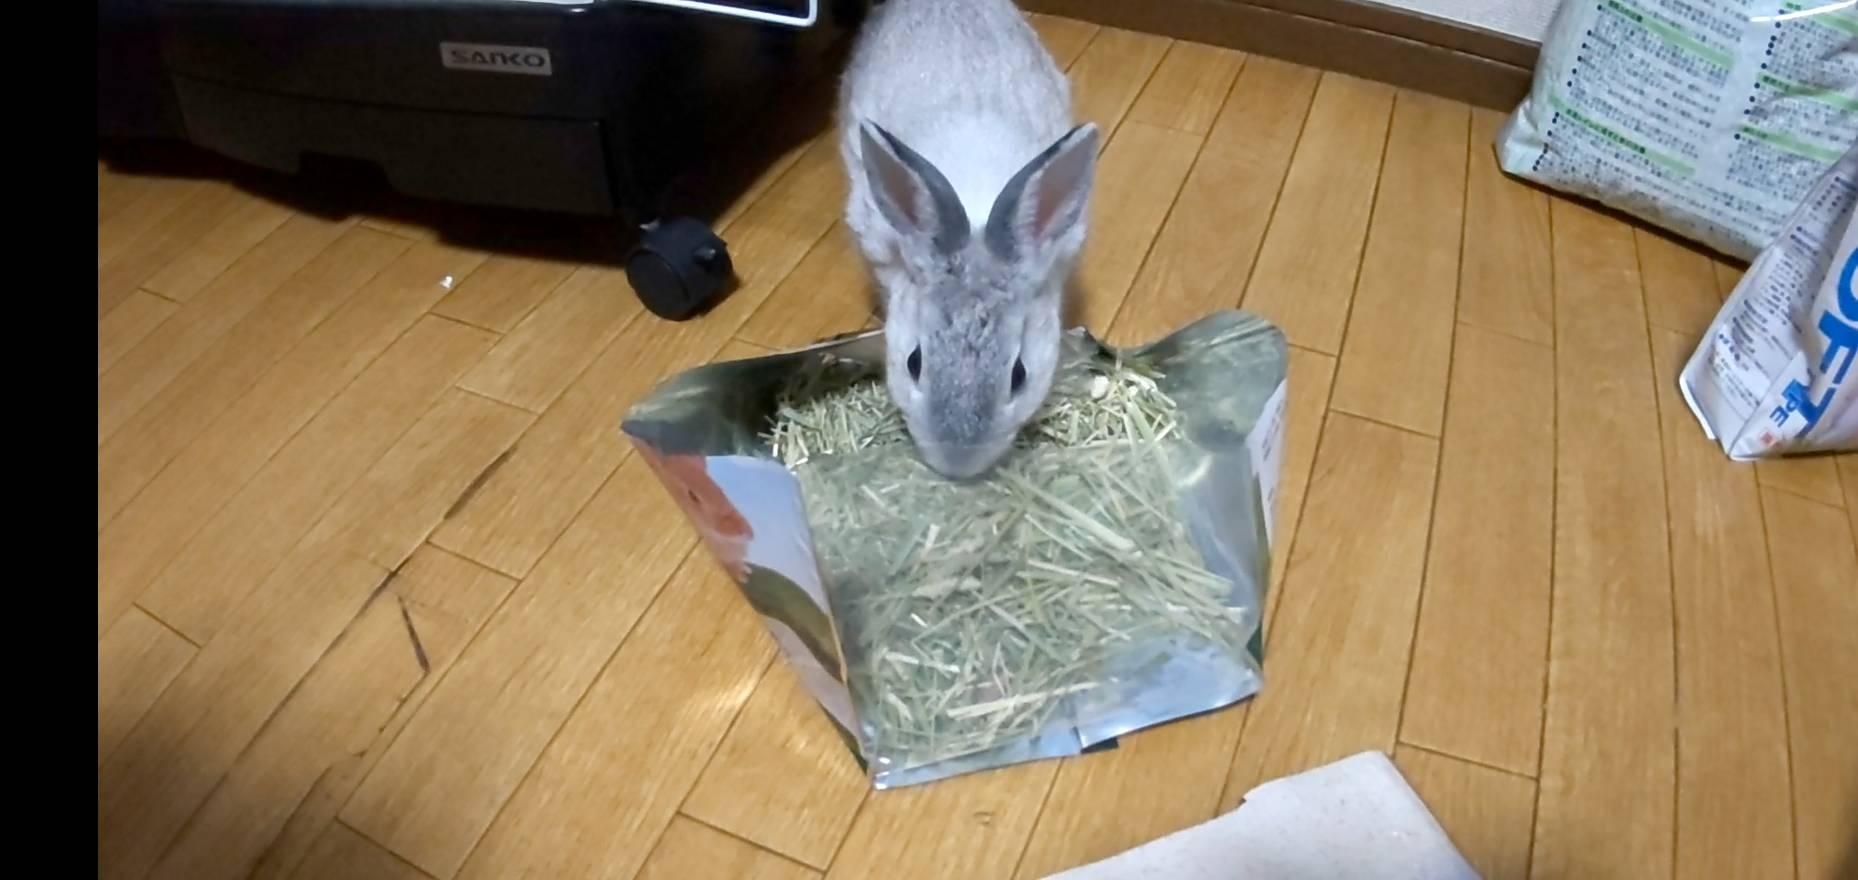 【ミニウサギ】余ったチモシーをウサギにあげてみた。